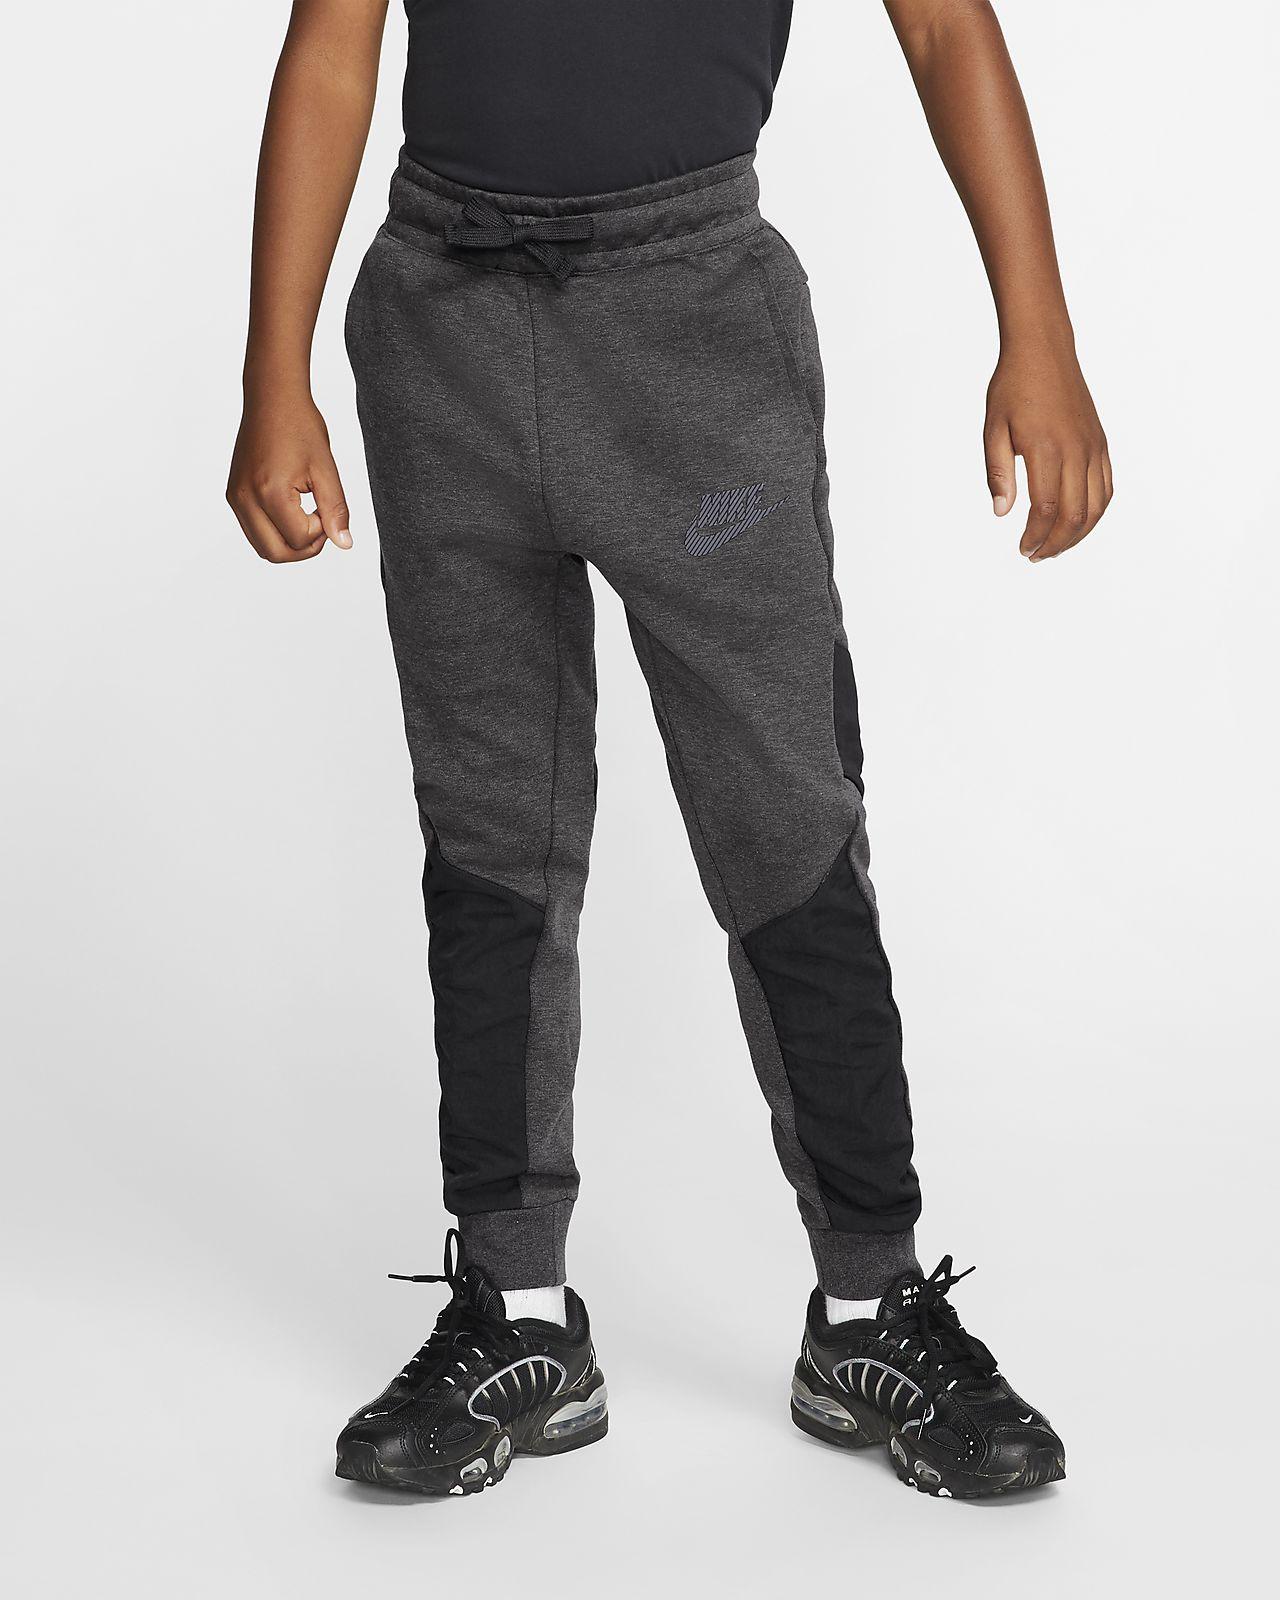 Nike Sportswear Winterized Tech Fleece Big Kids' (Boys') Pants